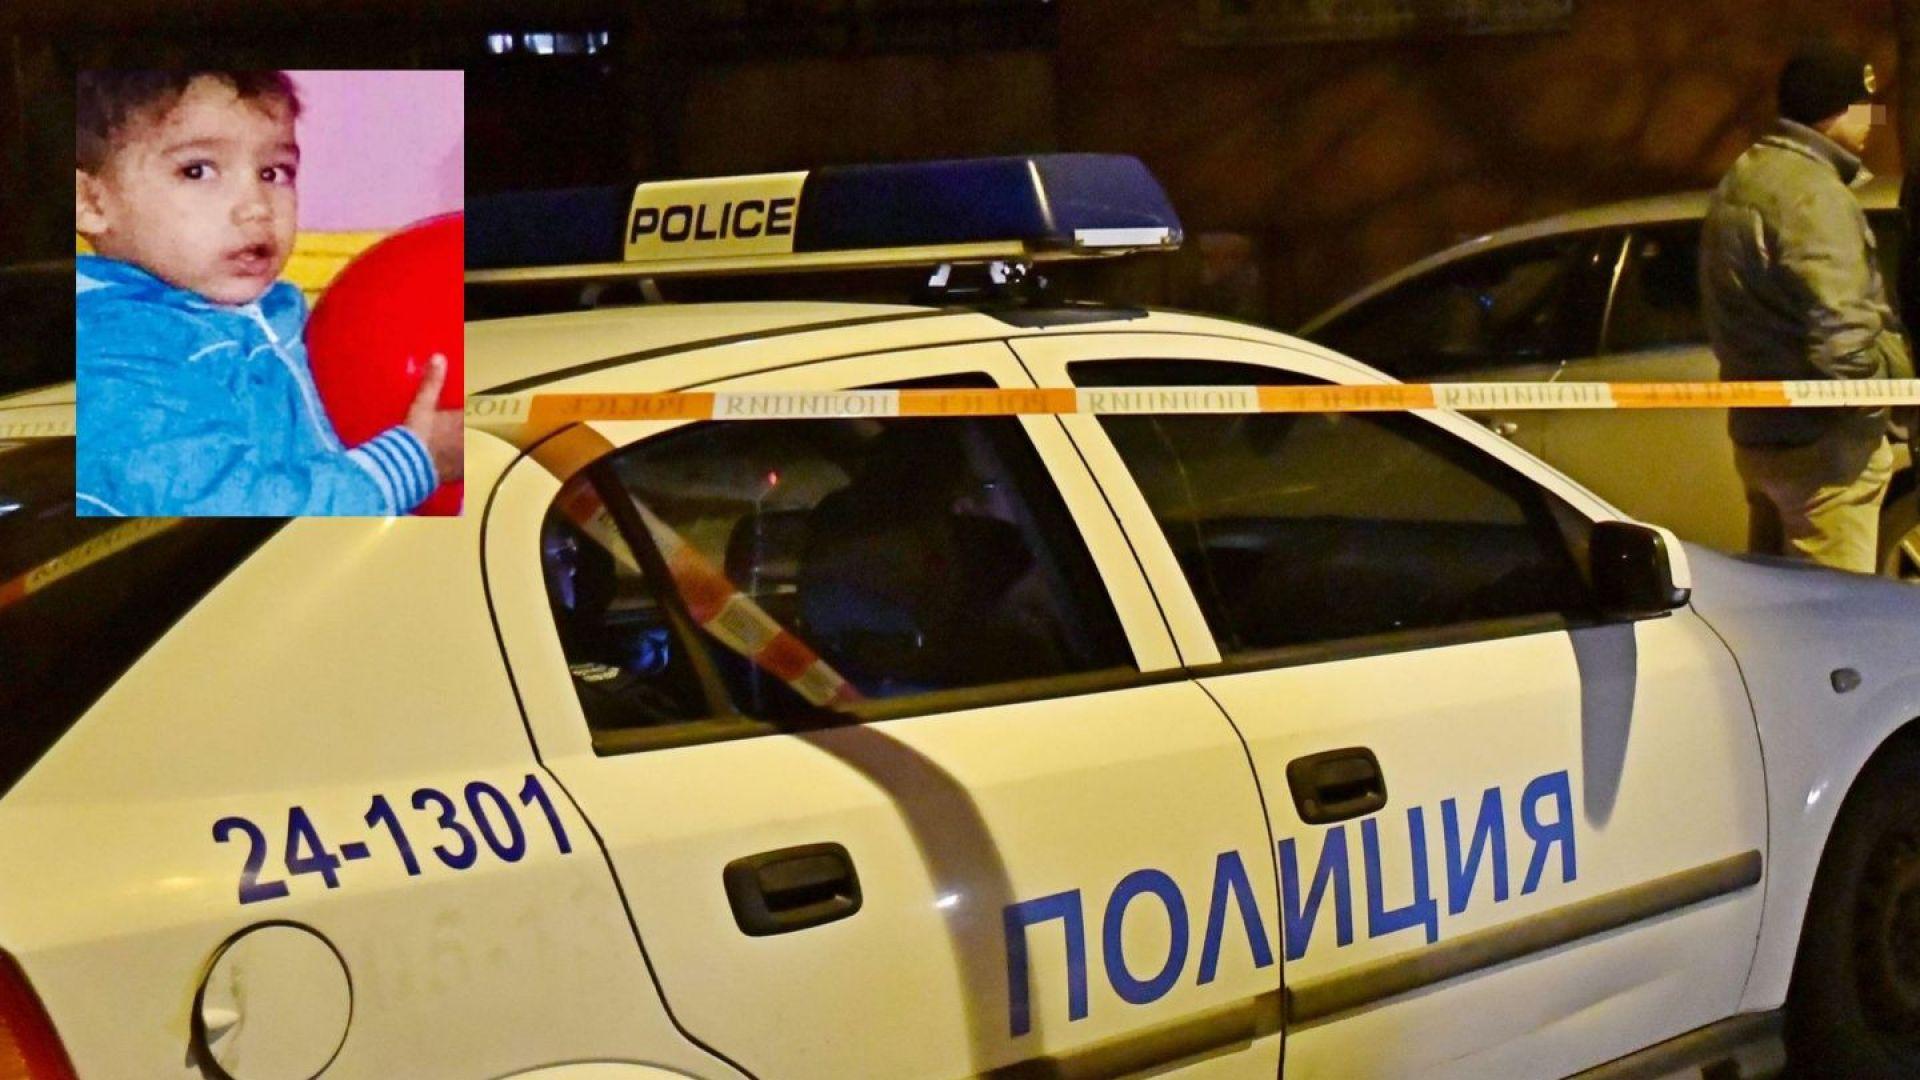 Издирването на 2-годишния Юлиян от Равнец продължава, информират от ОД